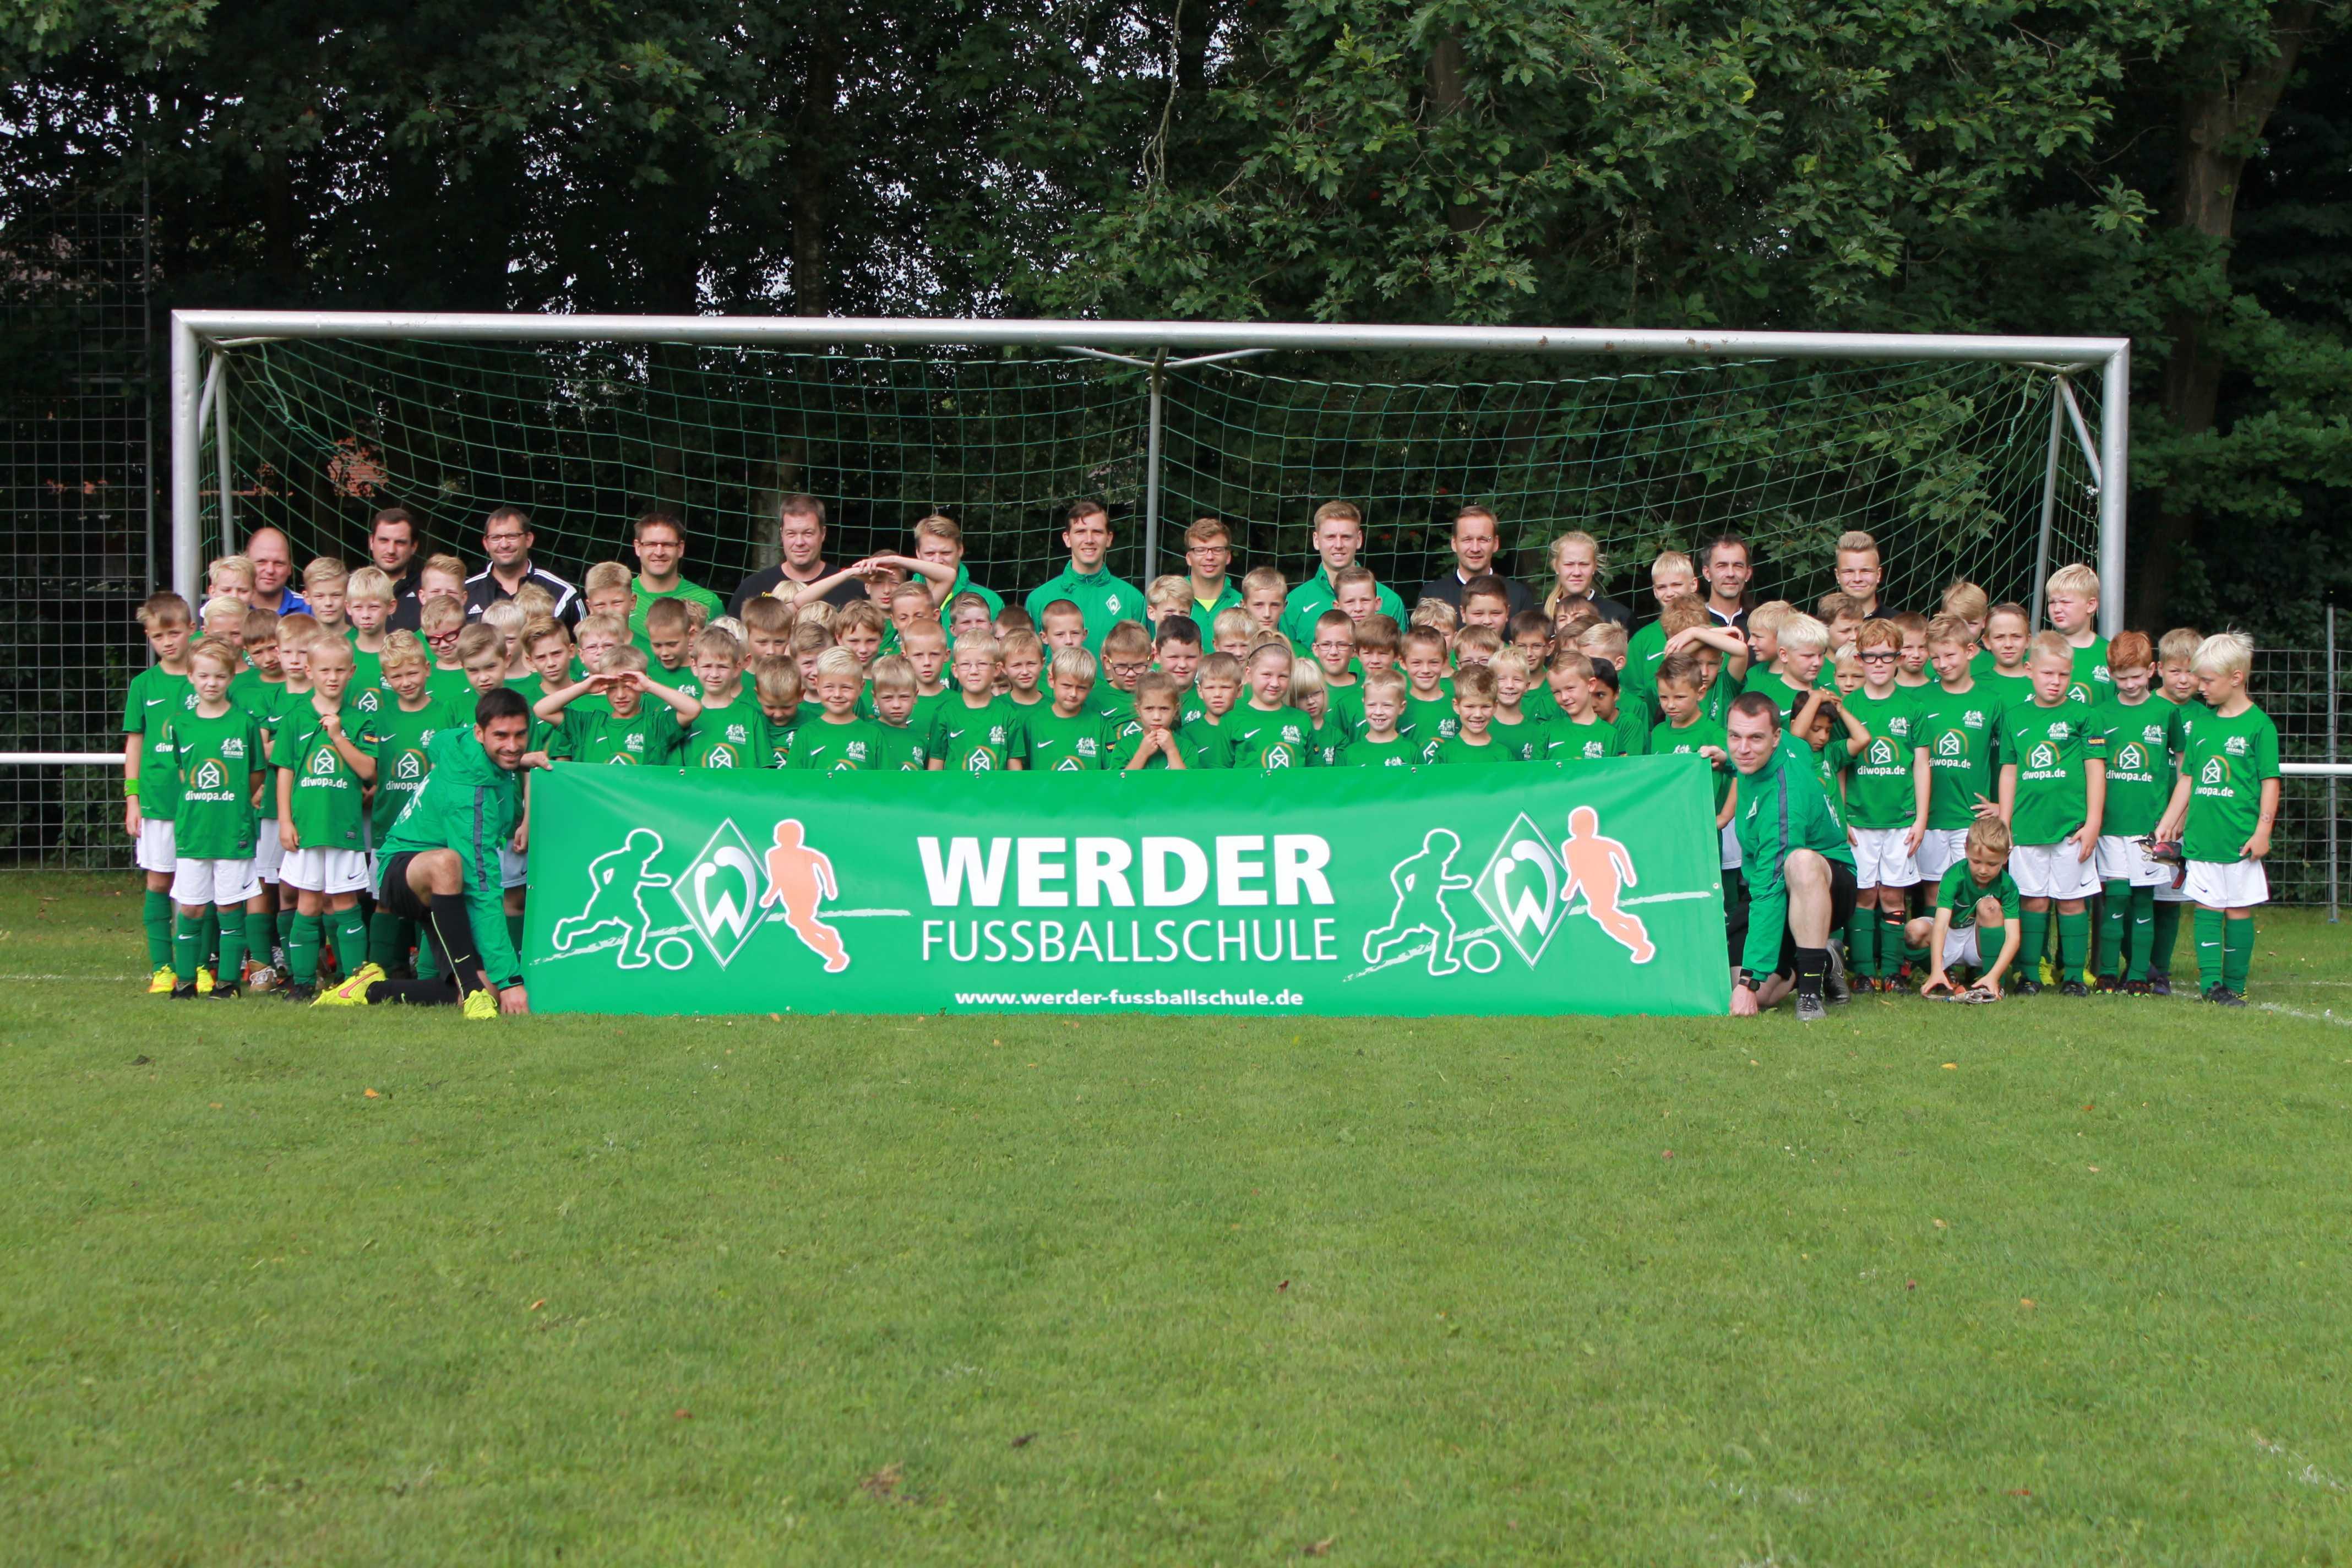 2016-08-13 Werder CAMPontour - Samstag (3)